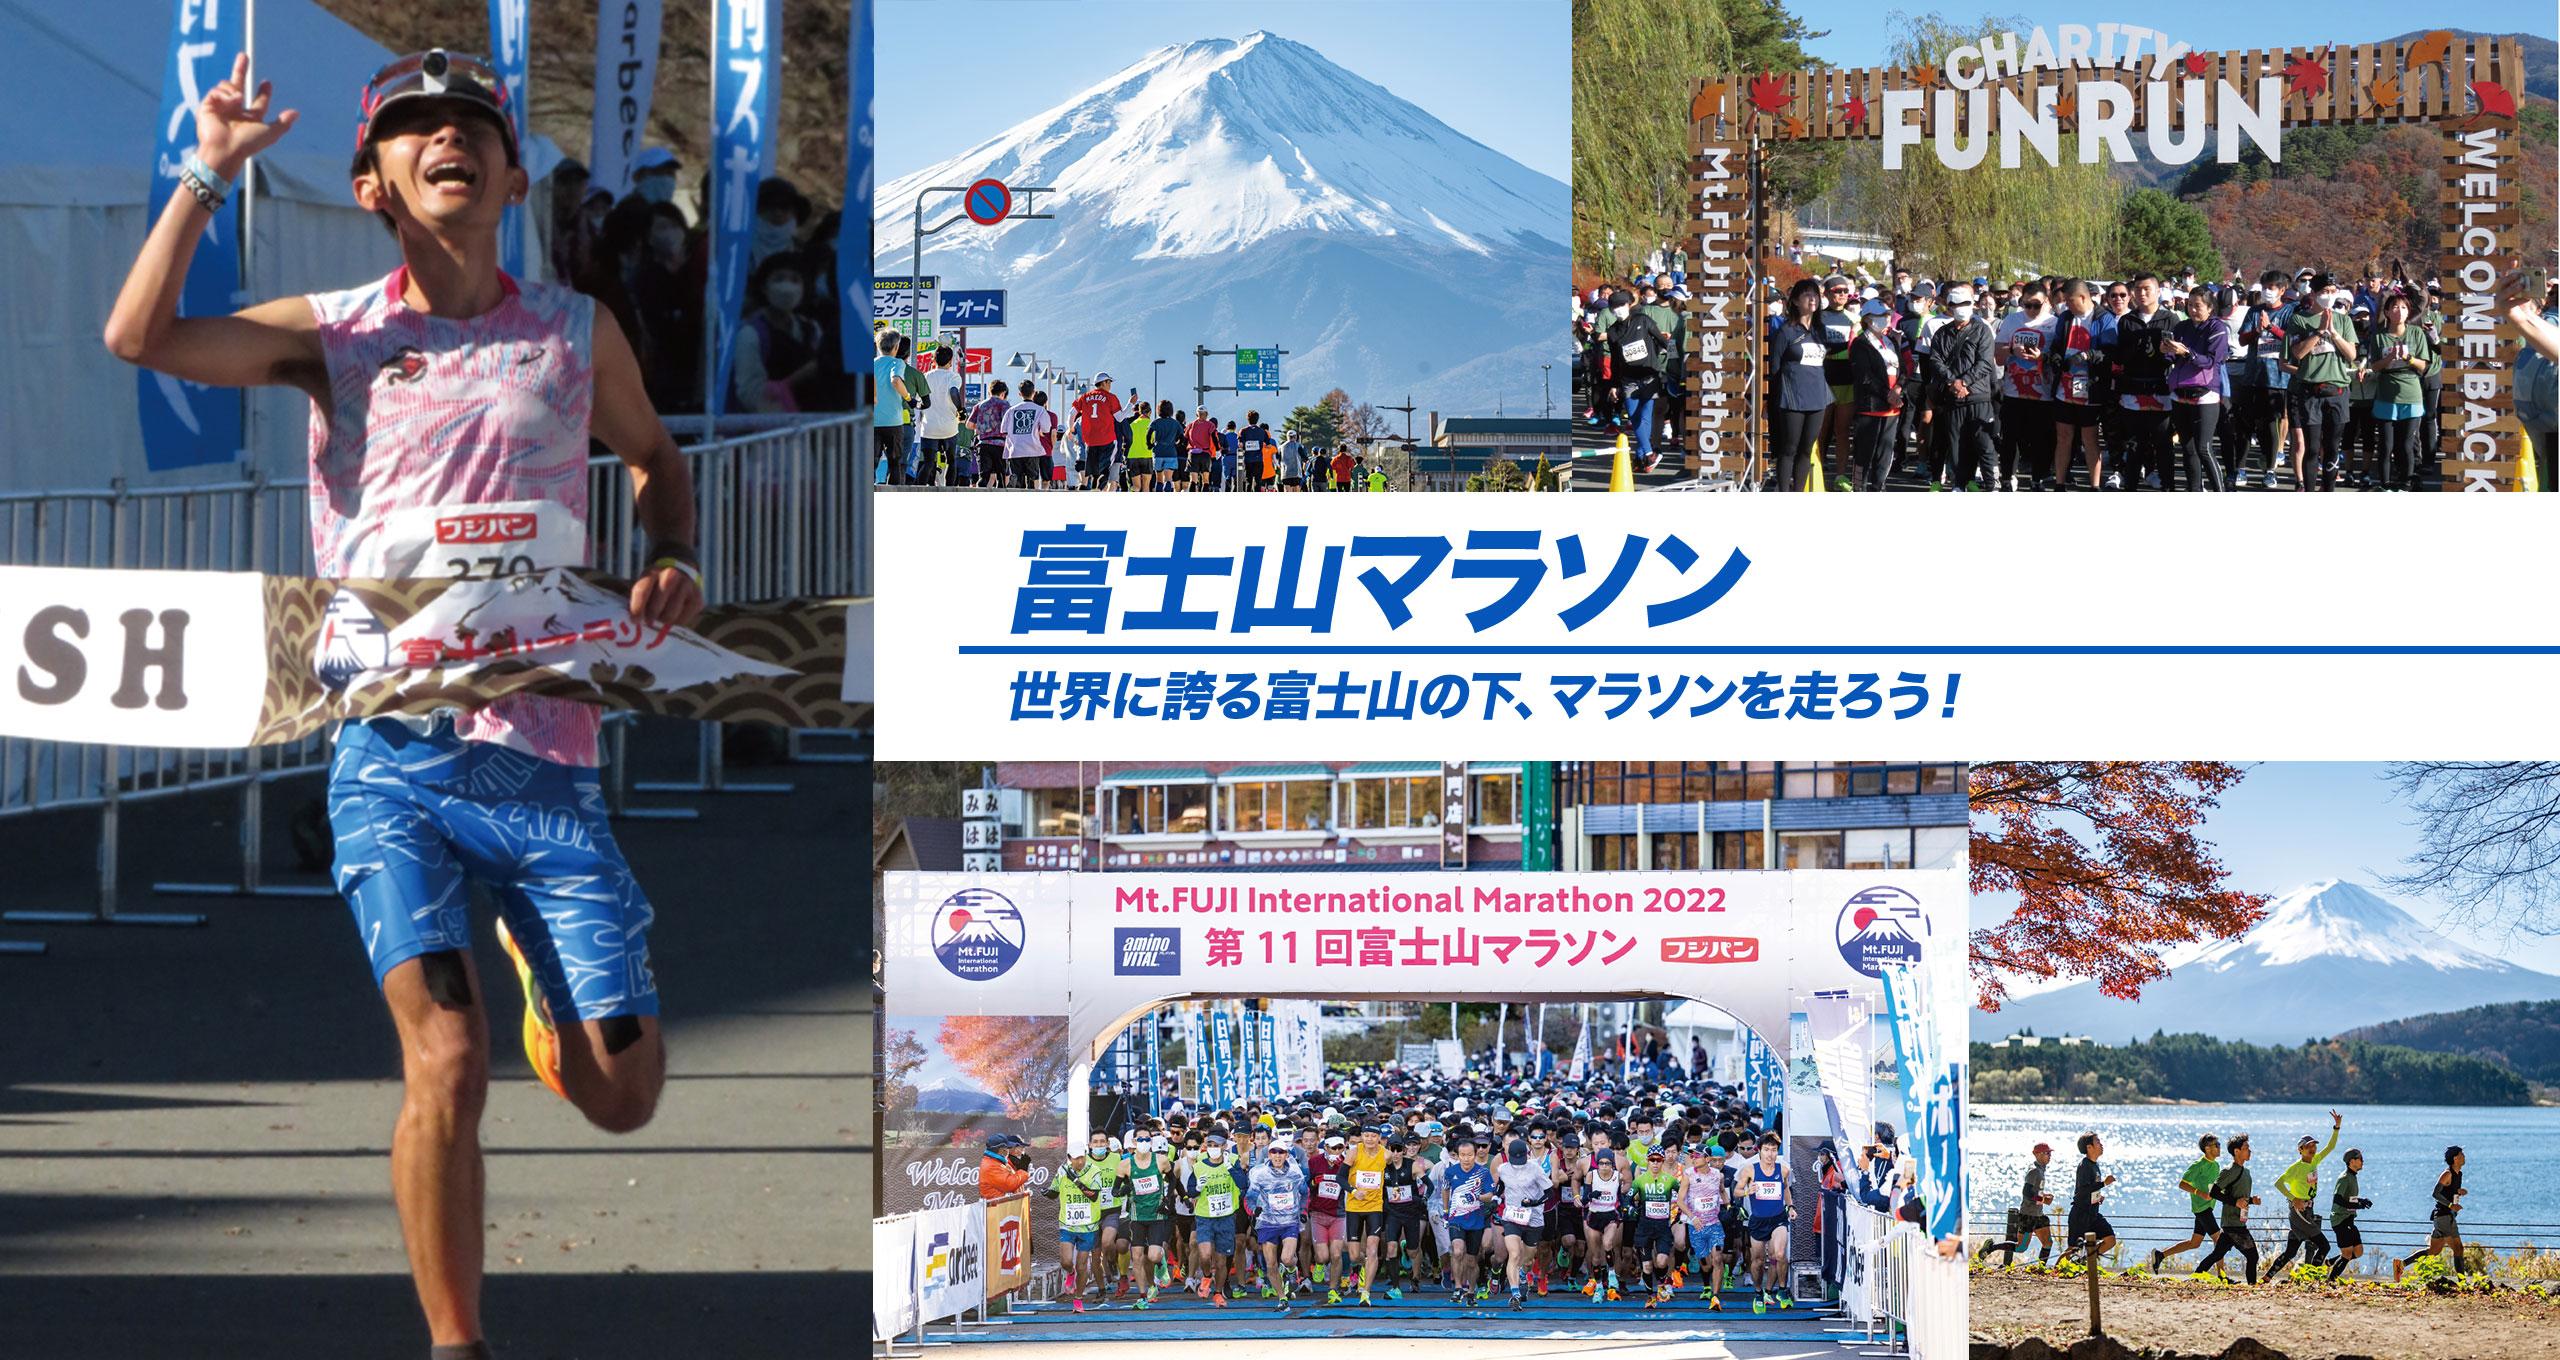 第7回富士山マラソン